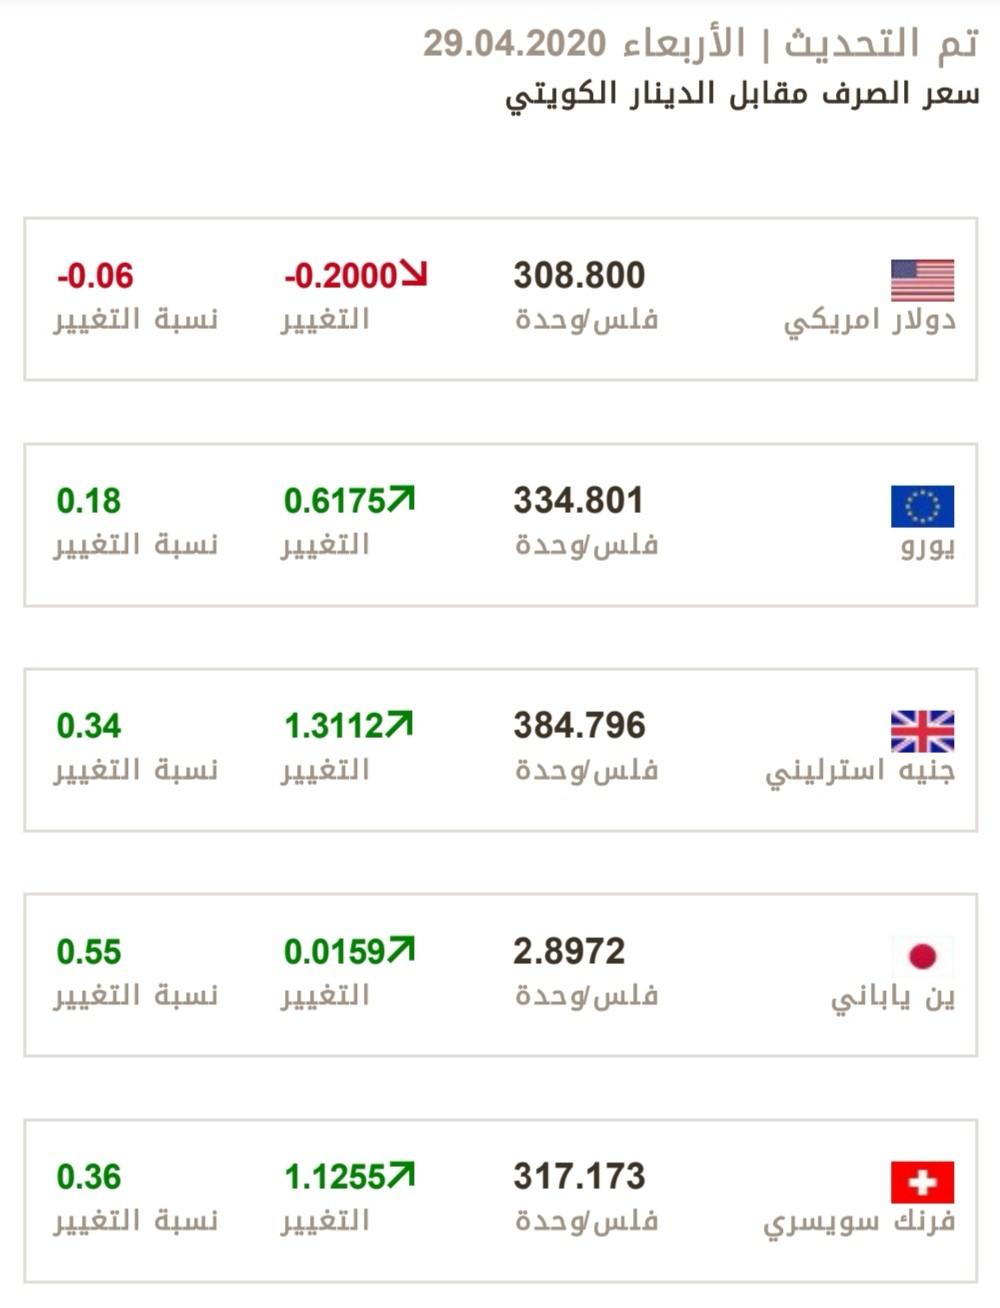 البنك المركزي الكويتي أسعار صرف العملات الاجنبية و العربيةمقابل الدينار الكويتي الاربعاء ٢٩ أبريل